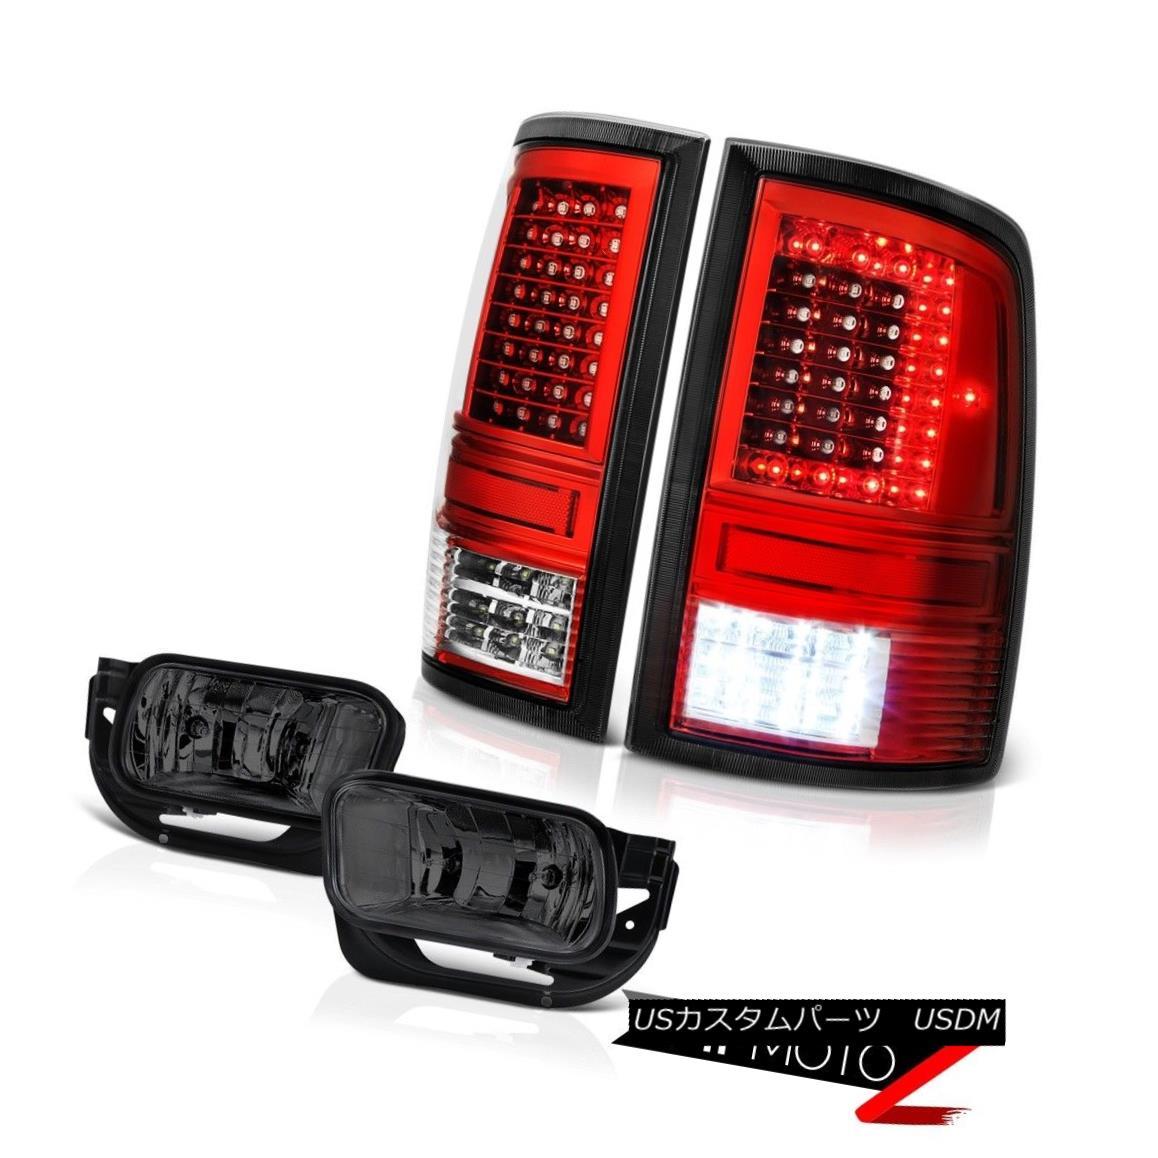 テールライト 10 11 12 13-18 Dodge RAM 2500 3500 Red Tail Lights Graphite Smoke Driving Lamps 10 11 12 13-18ダッジRAM 2500 3500レッドテールライトグラファイトスモークドライビングランプ